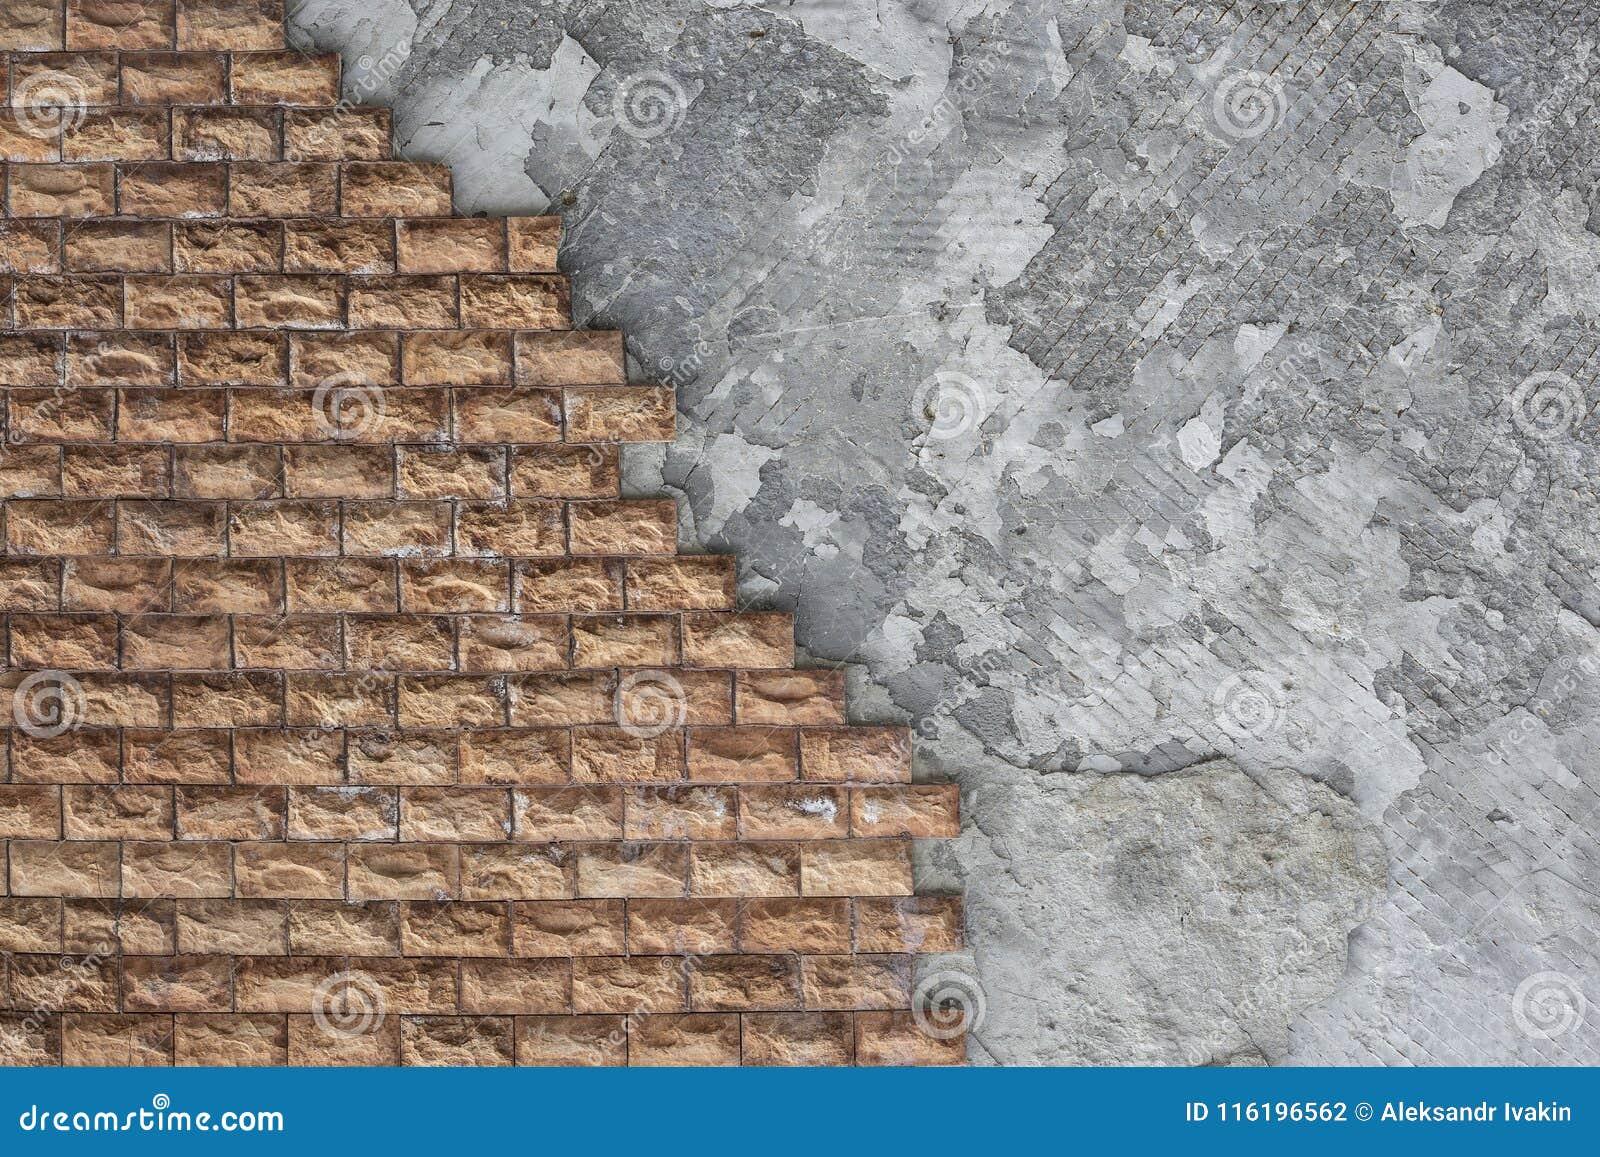 Decoracion Exterior De Las Paredes De La Casa Con Una Piedra Marron - Piedra-decoracion